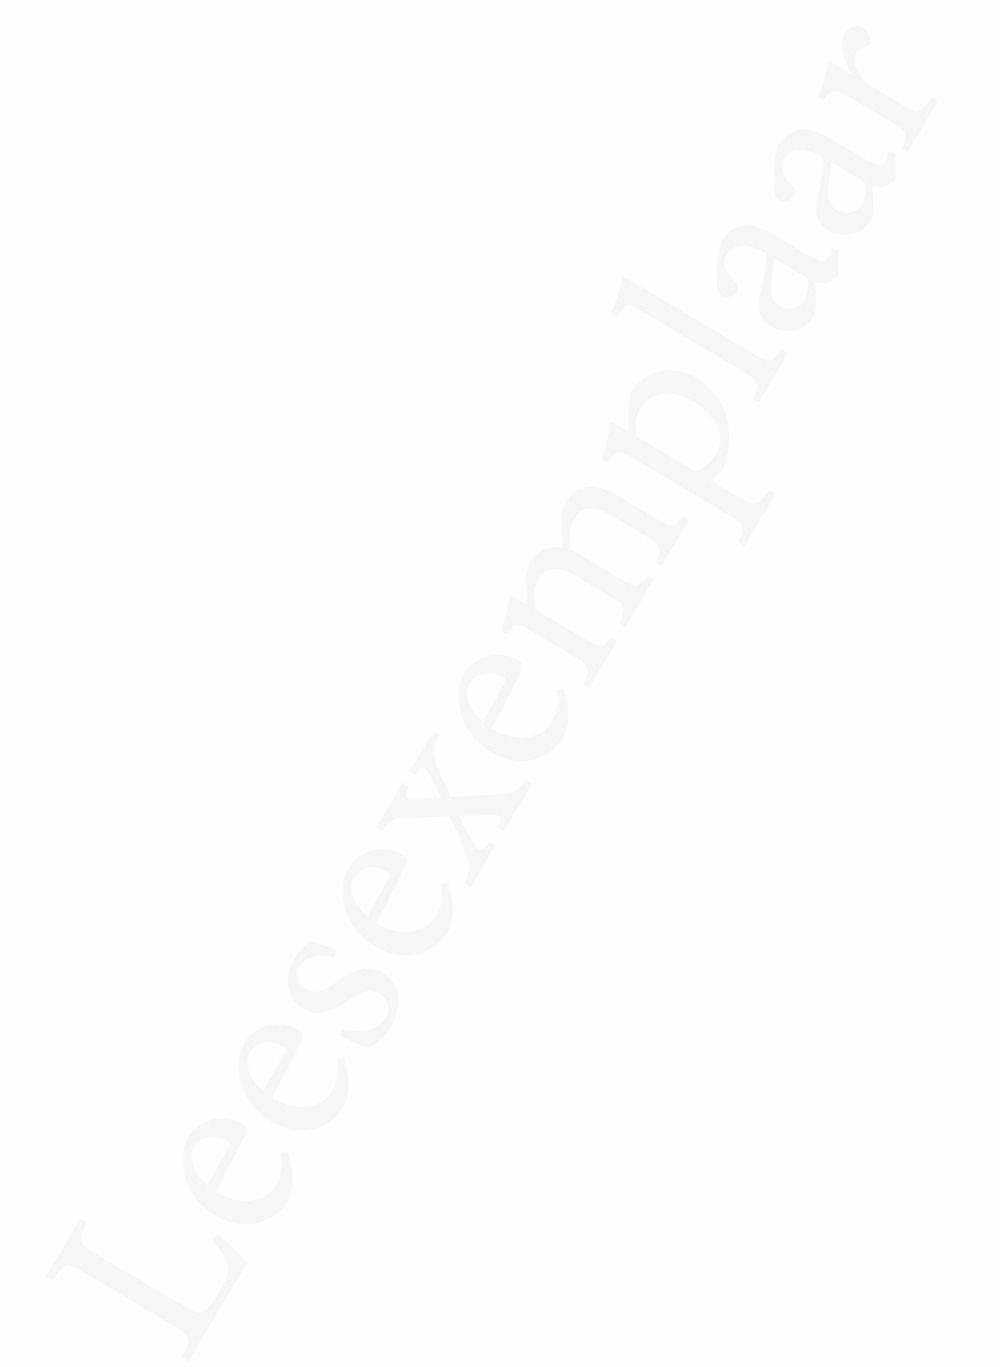 Preview: Spookvoetballer (E5)